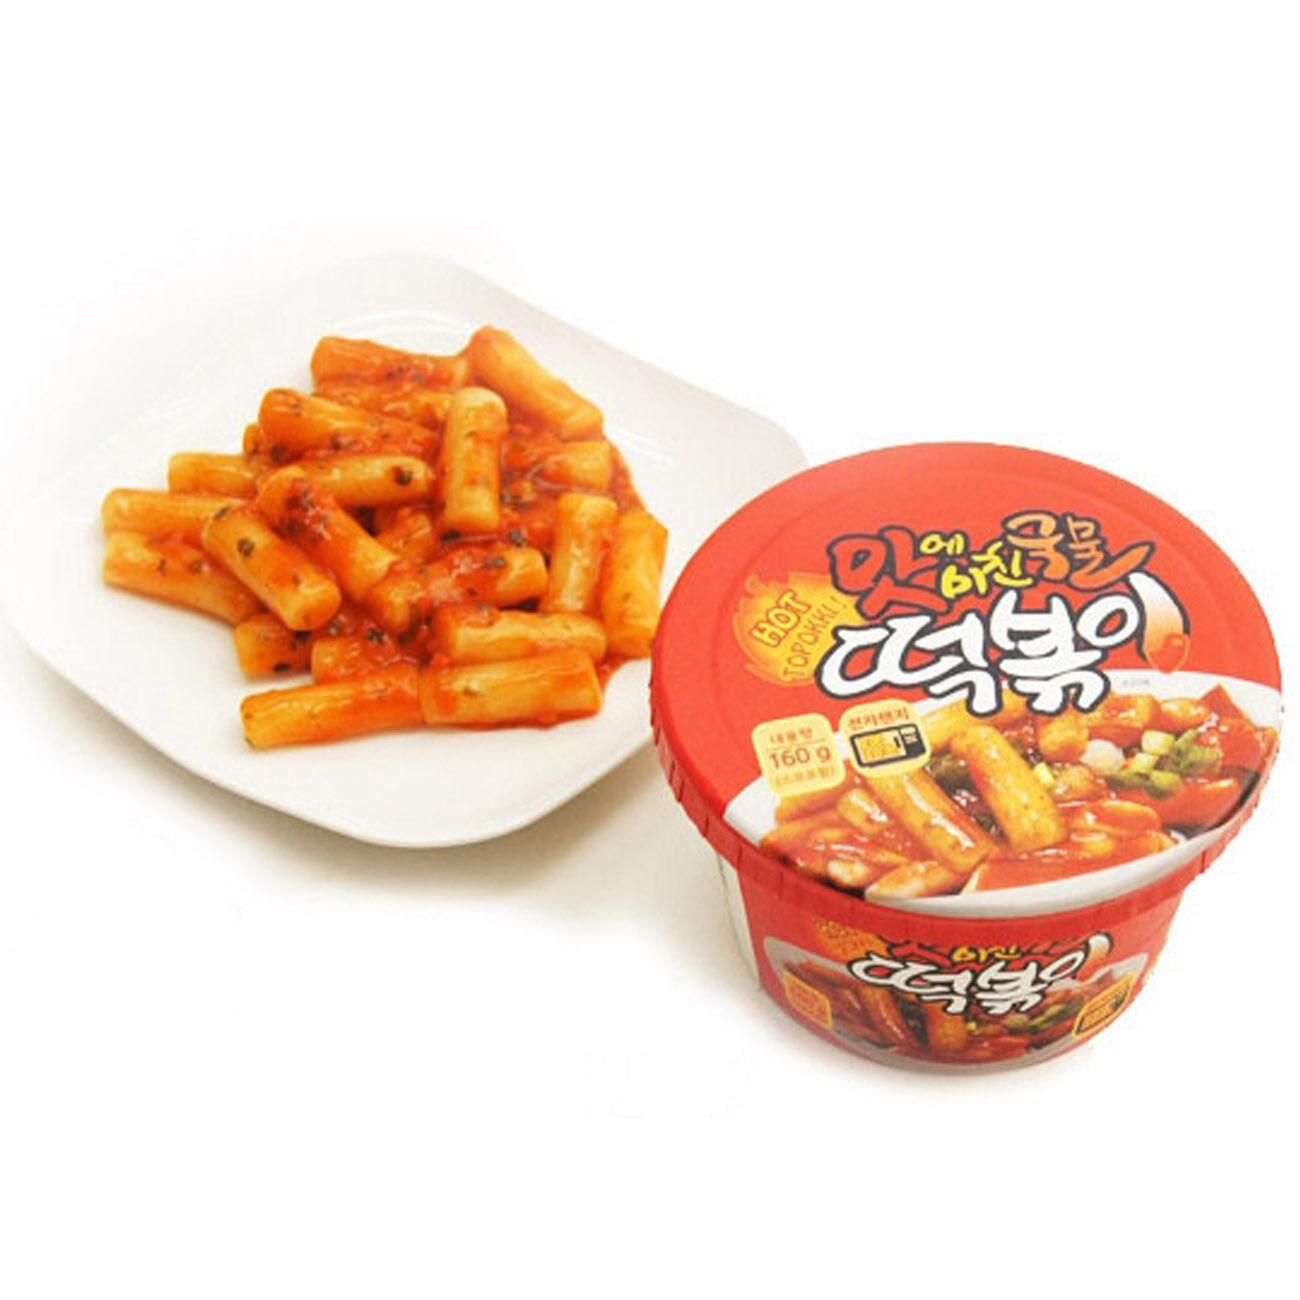 Tteokbokki Instant Spicy Korean Stir-fried Rice Cake Korean Snack Instant Korean Rice Cake Cup